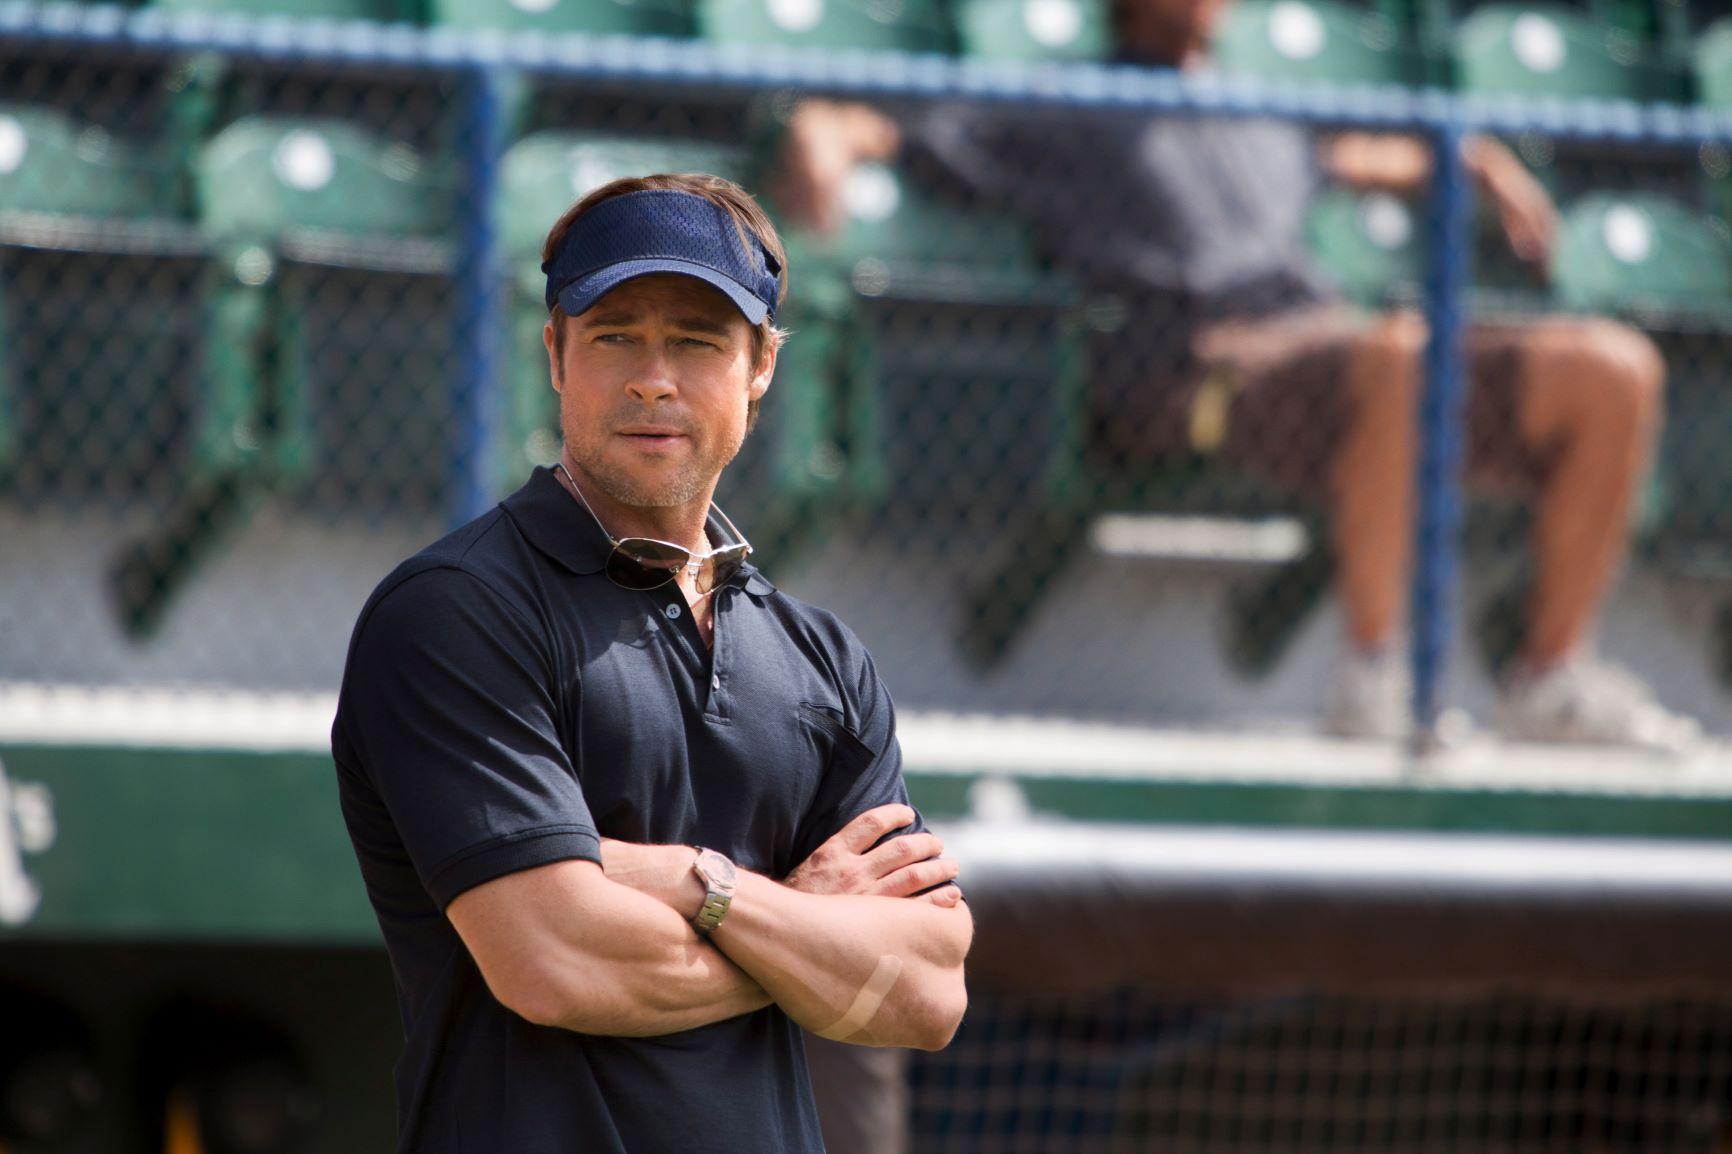 Billede til: Lars Christensens Verden - Episode 19: The Numbers Game - Tænk som en baseballtræner og find de mest attraktive aktier